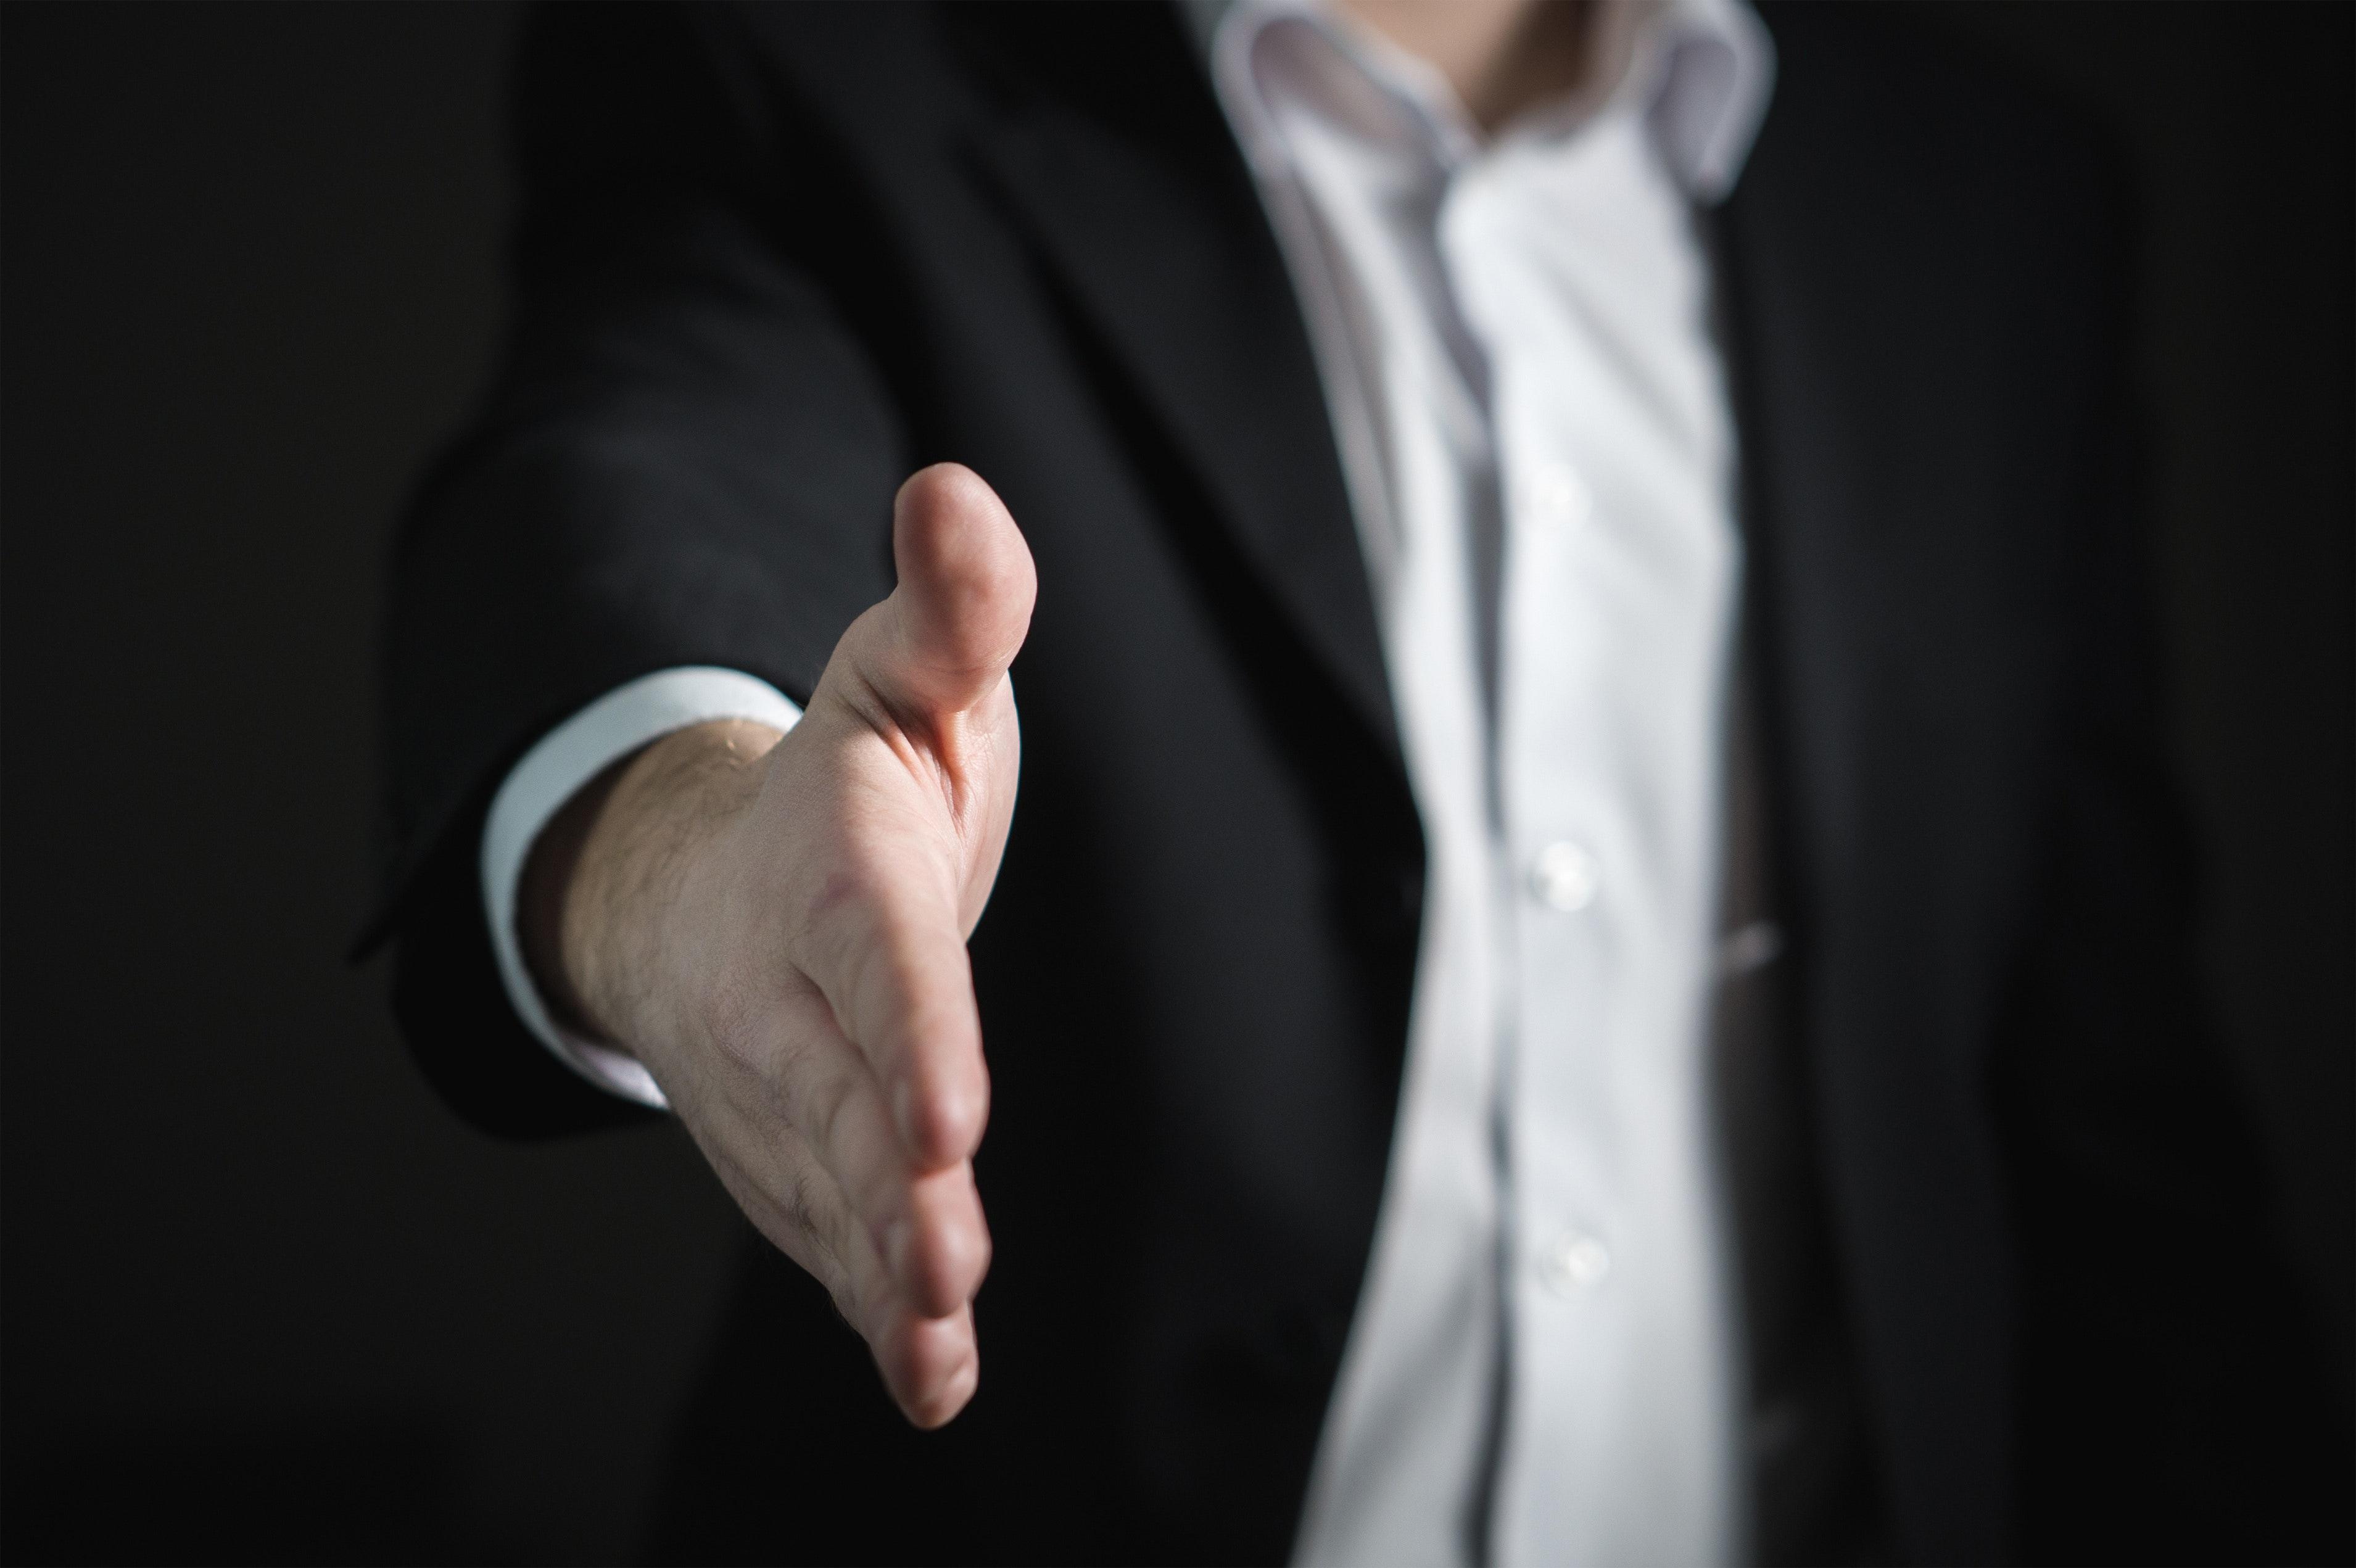 Lei nº 14.217/2021 estabelece medidas excepcionais para a aquisição de bens e insumos, contratação de serviços visando o enfrentamento da pandemia da Covid-19